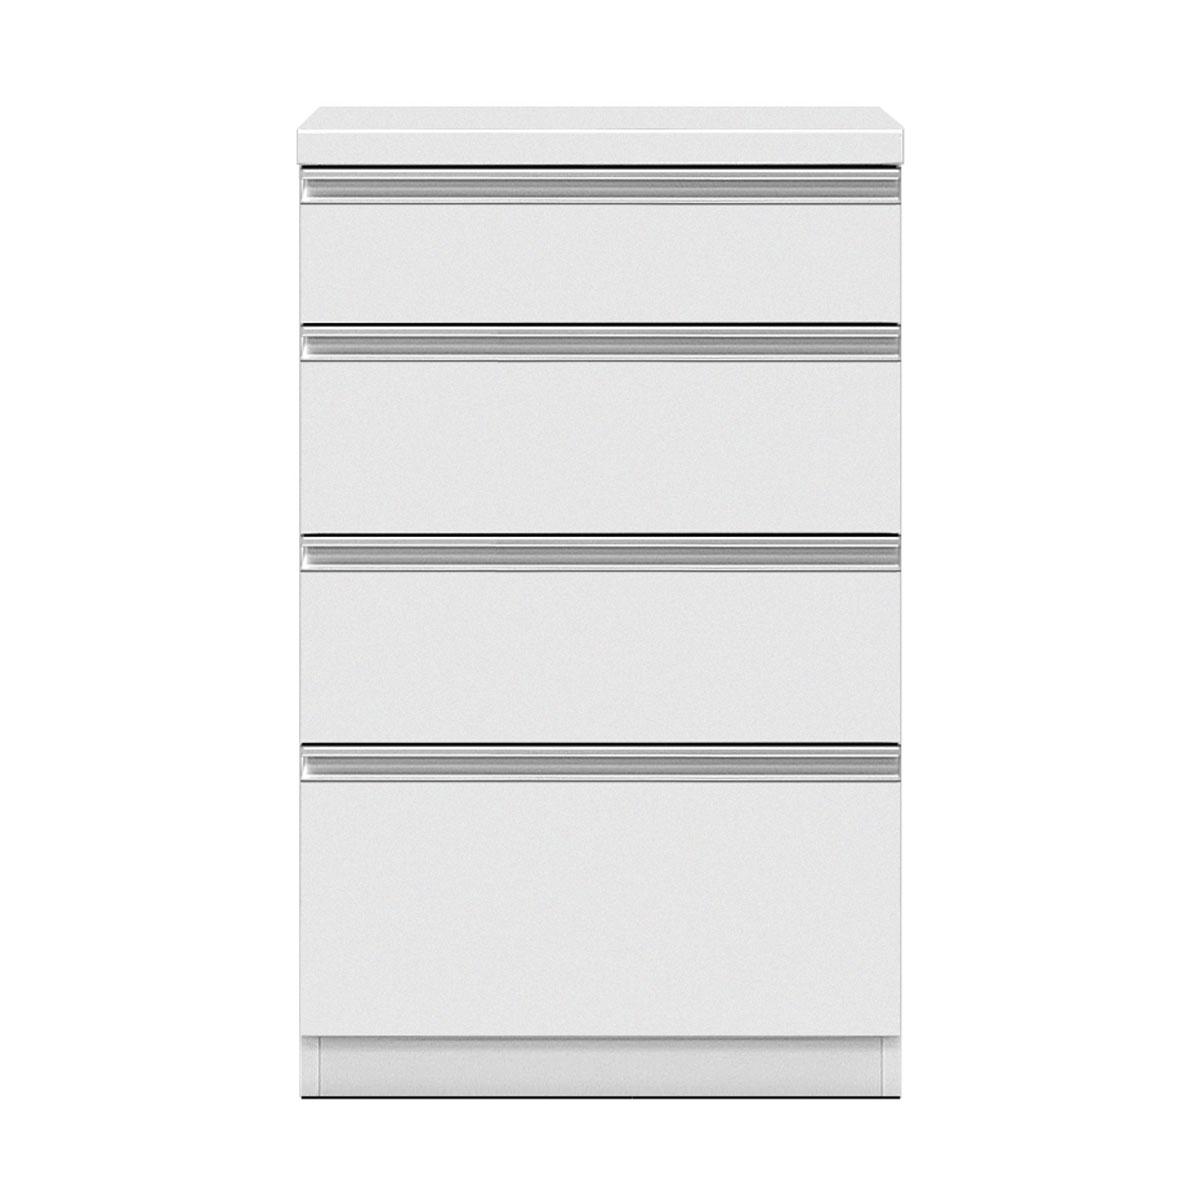 共和産業 グラッセ キッチンカウンター 下台H 60H ホワイト【幅60×高さ98cm】 日本製 国産